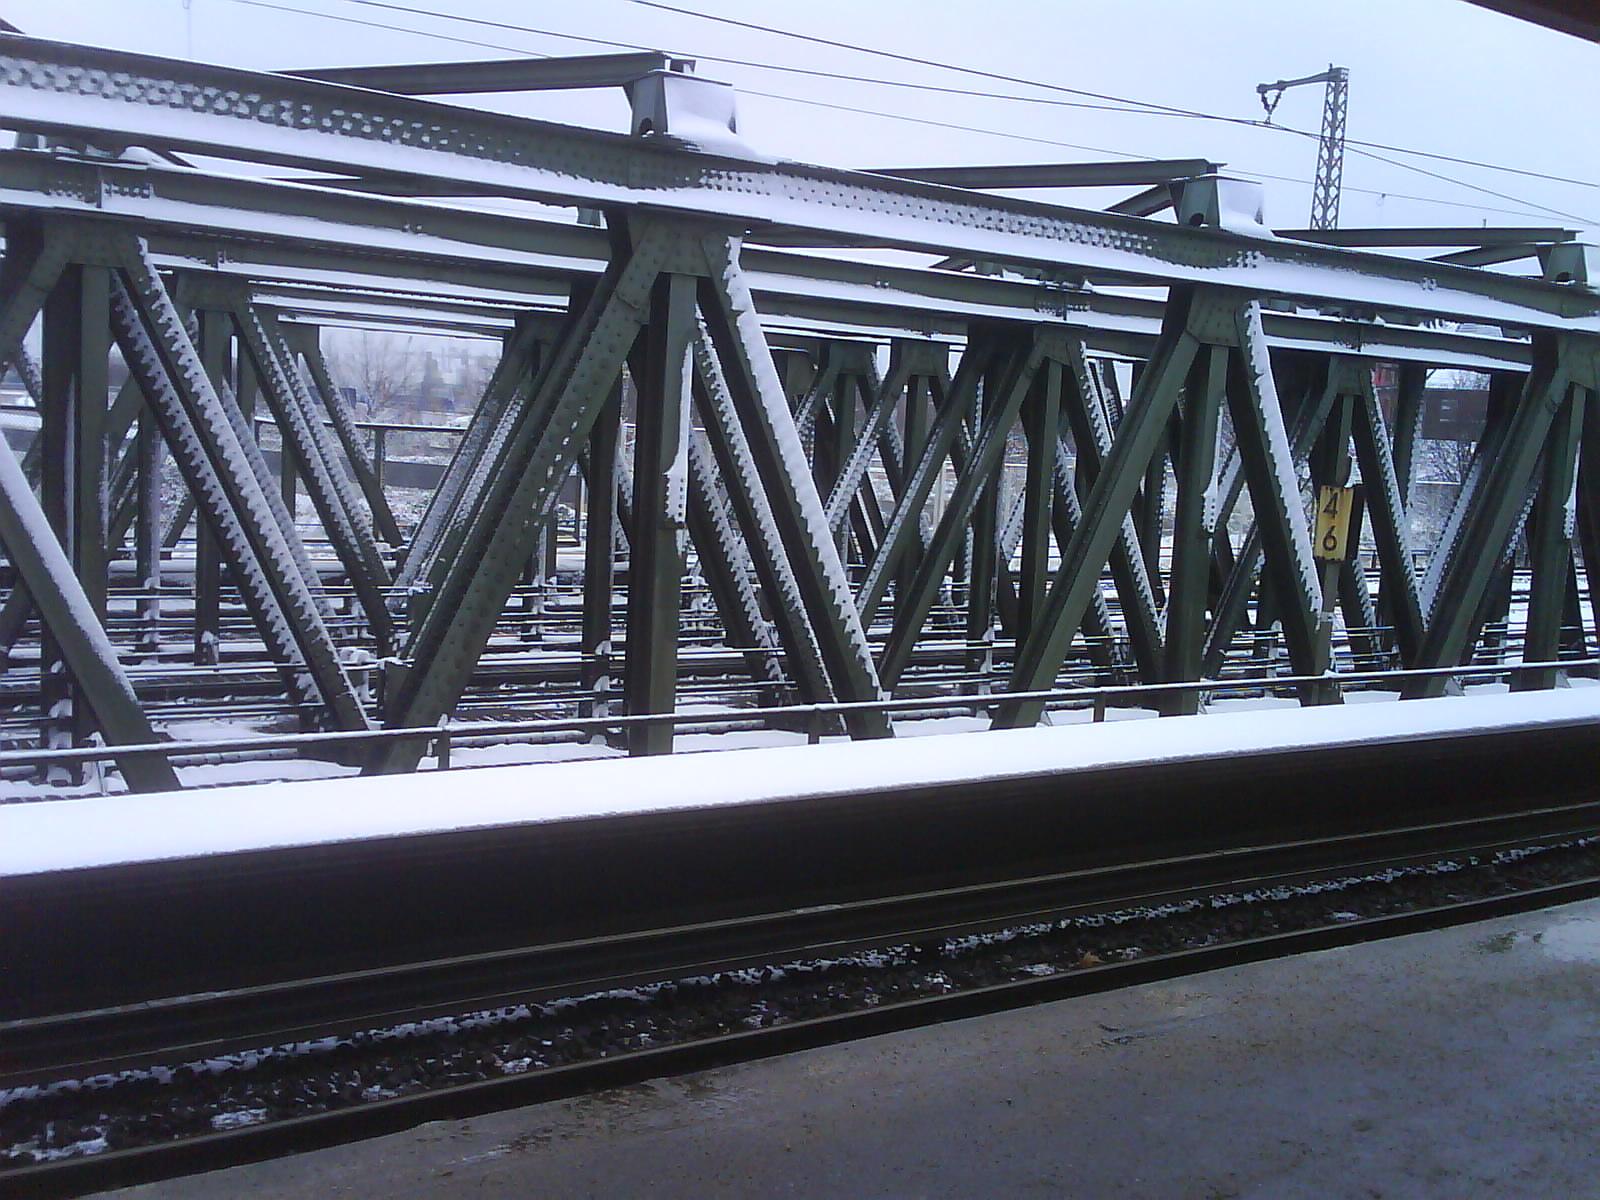 Brücke mit vielen Pfeilern